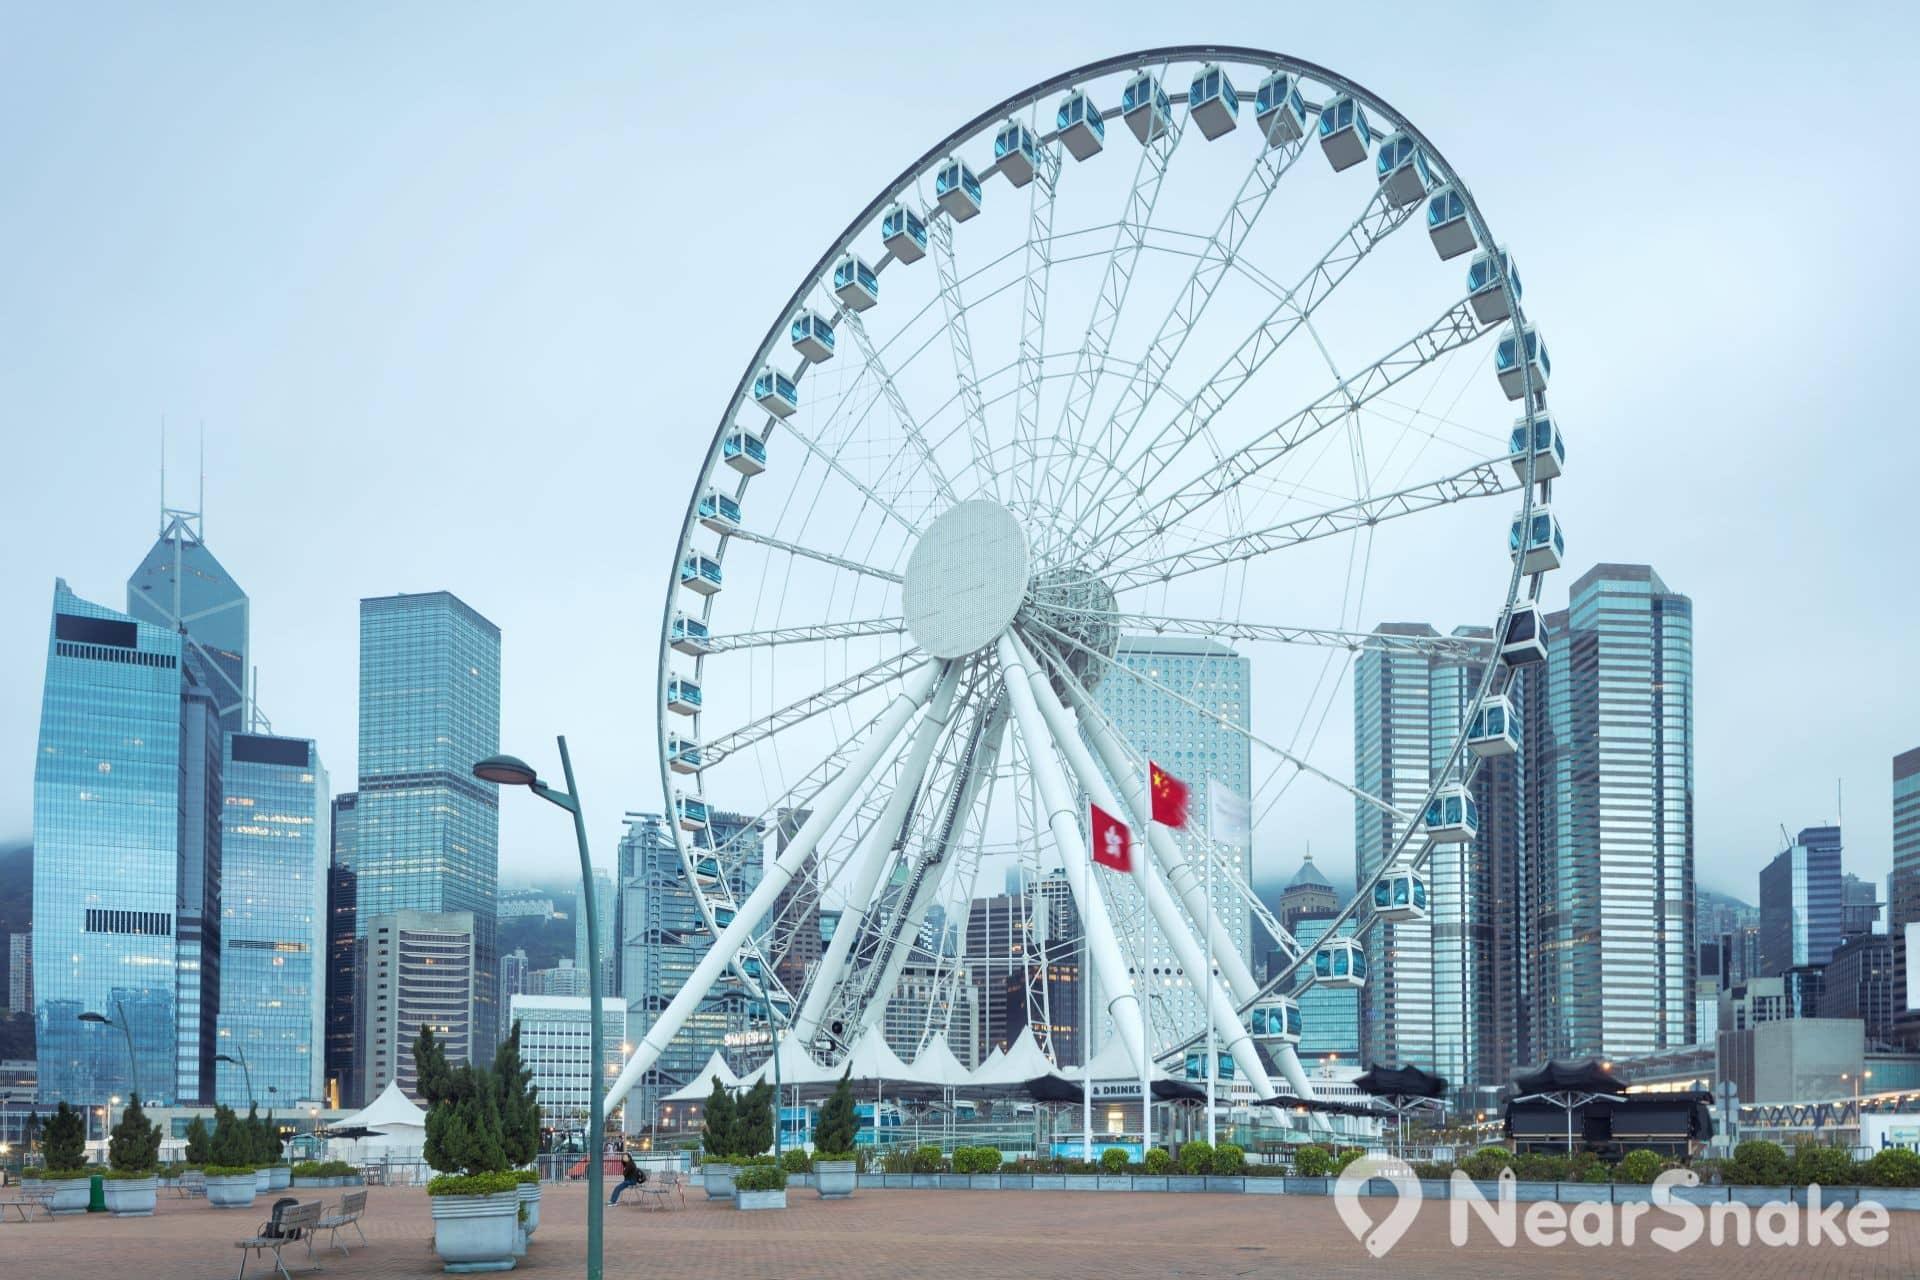 中環海濱活動空間現設有香港摩天輪、臨時休憩地、寵物公園等設施。